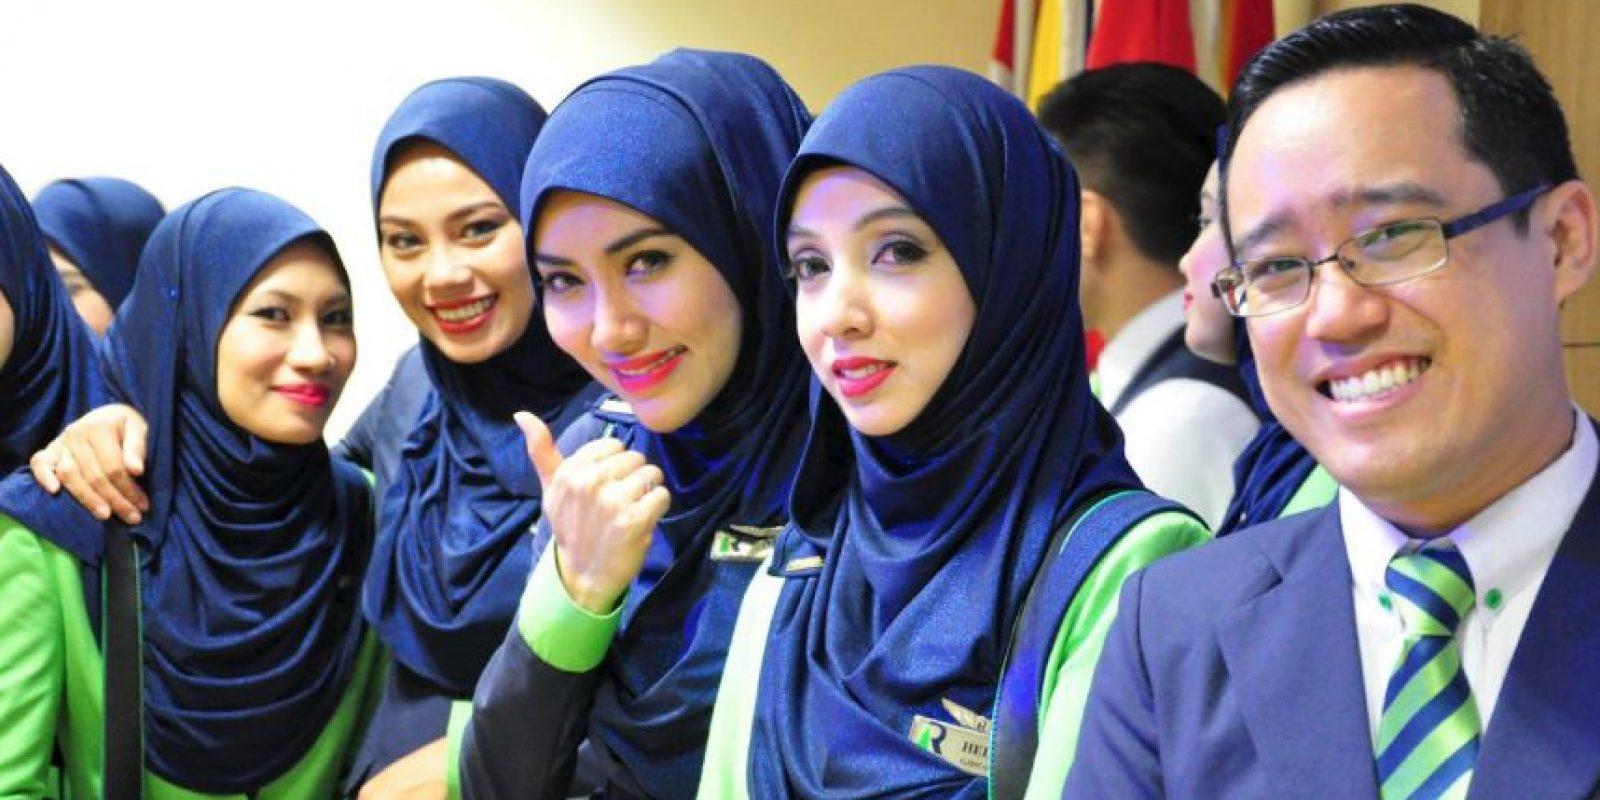 La cual prohibe a sus creyentes el consumo de distintos productos. Foto:Vía facebook.com/OfficialRayaniAir